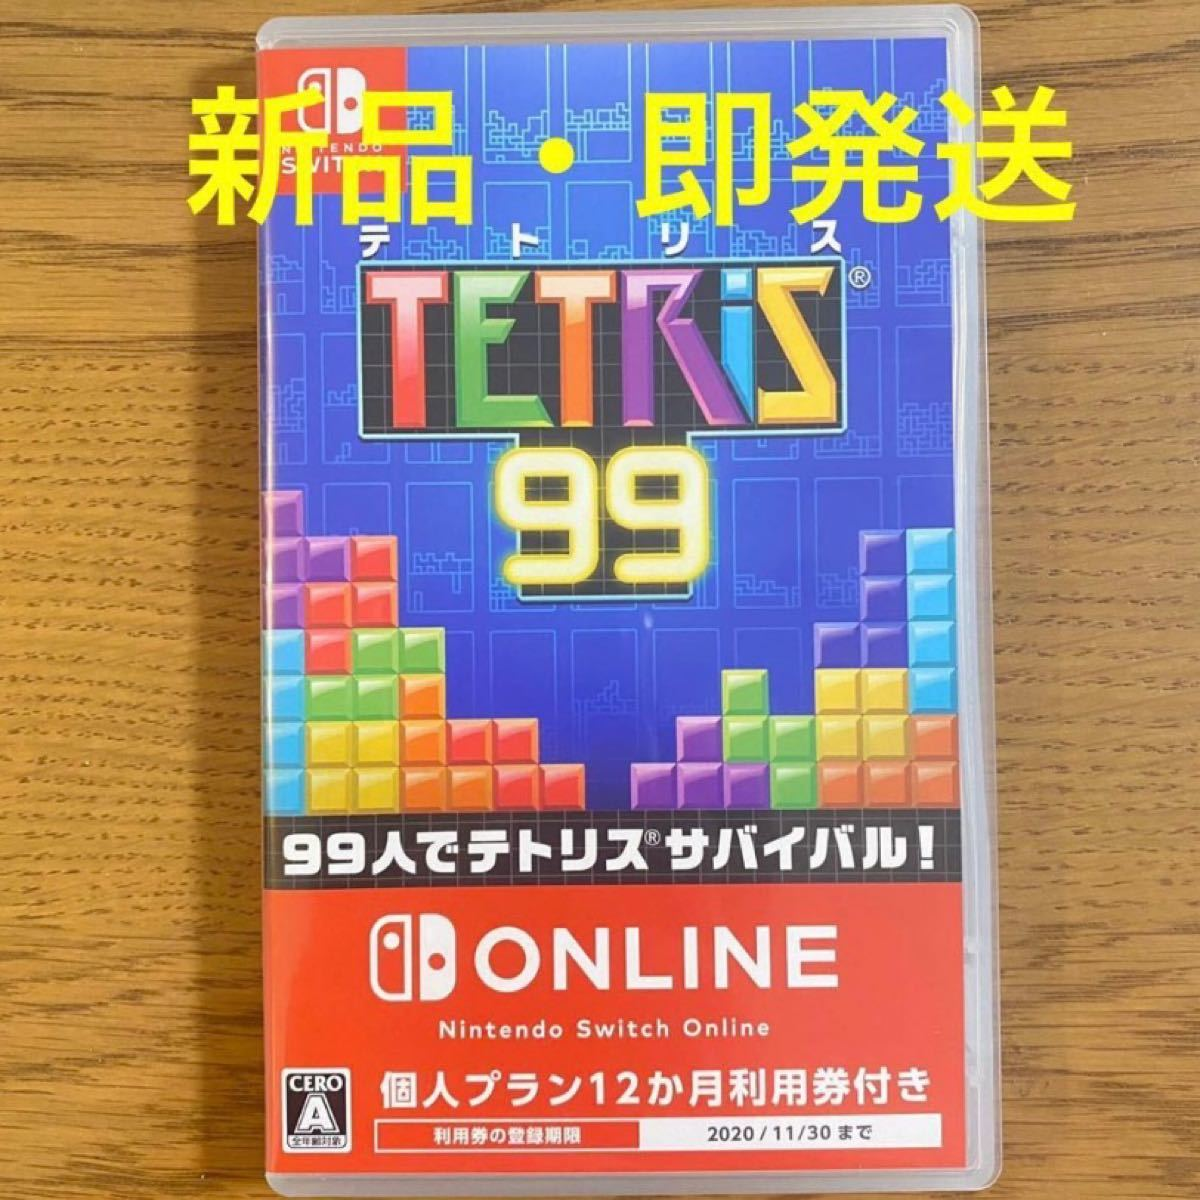 テトリス99 TETRIS99 ニンテンドースイッチ ソフト nintendo switch オンライン 利用券なし